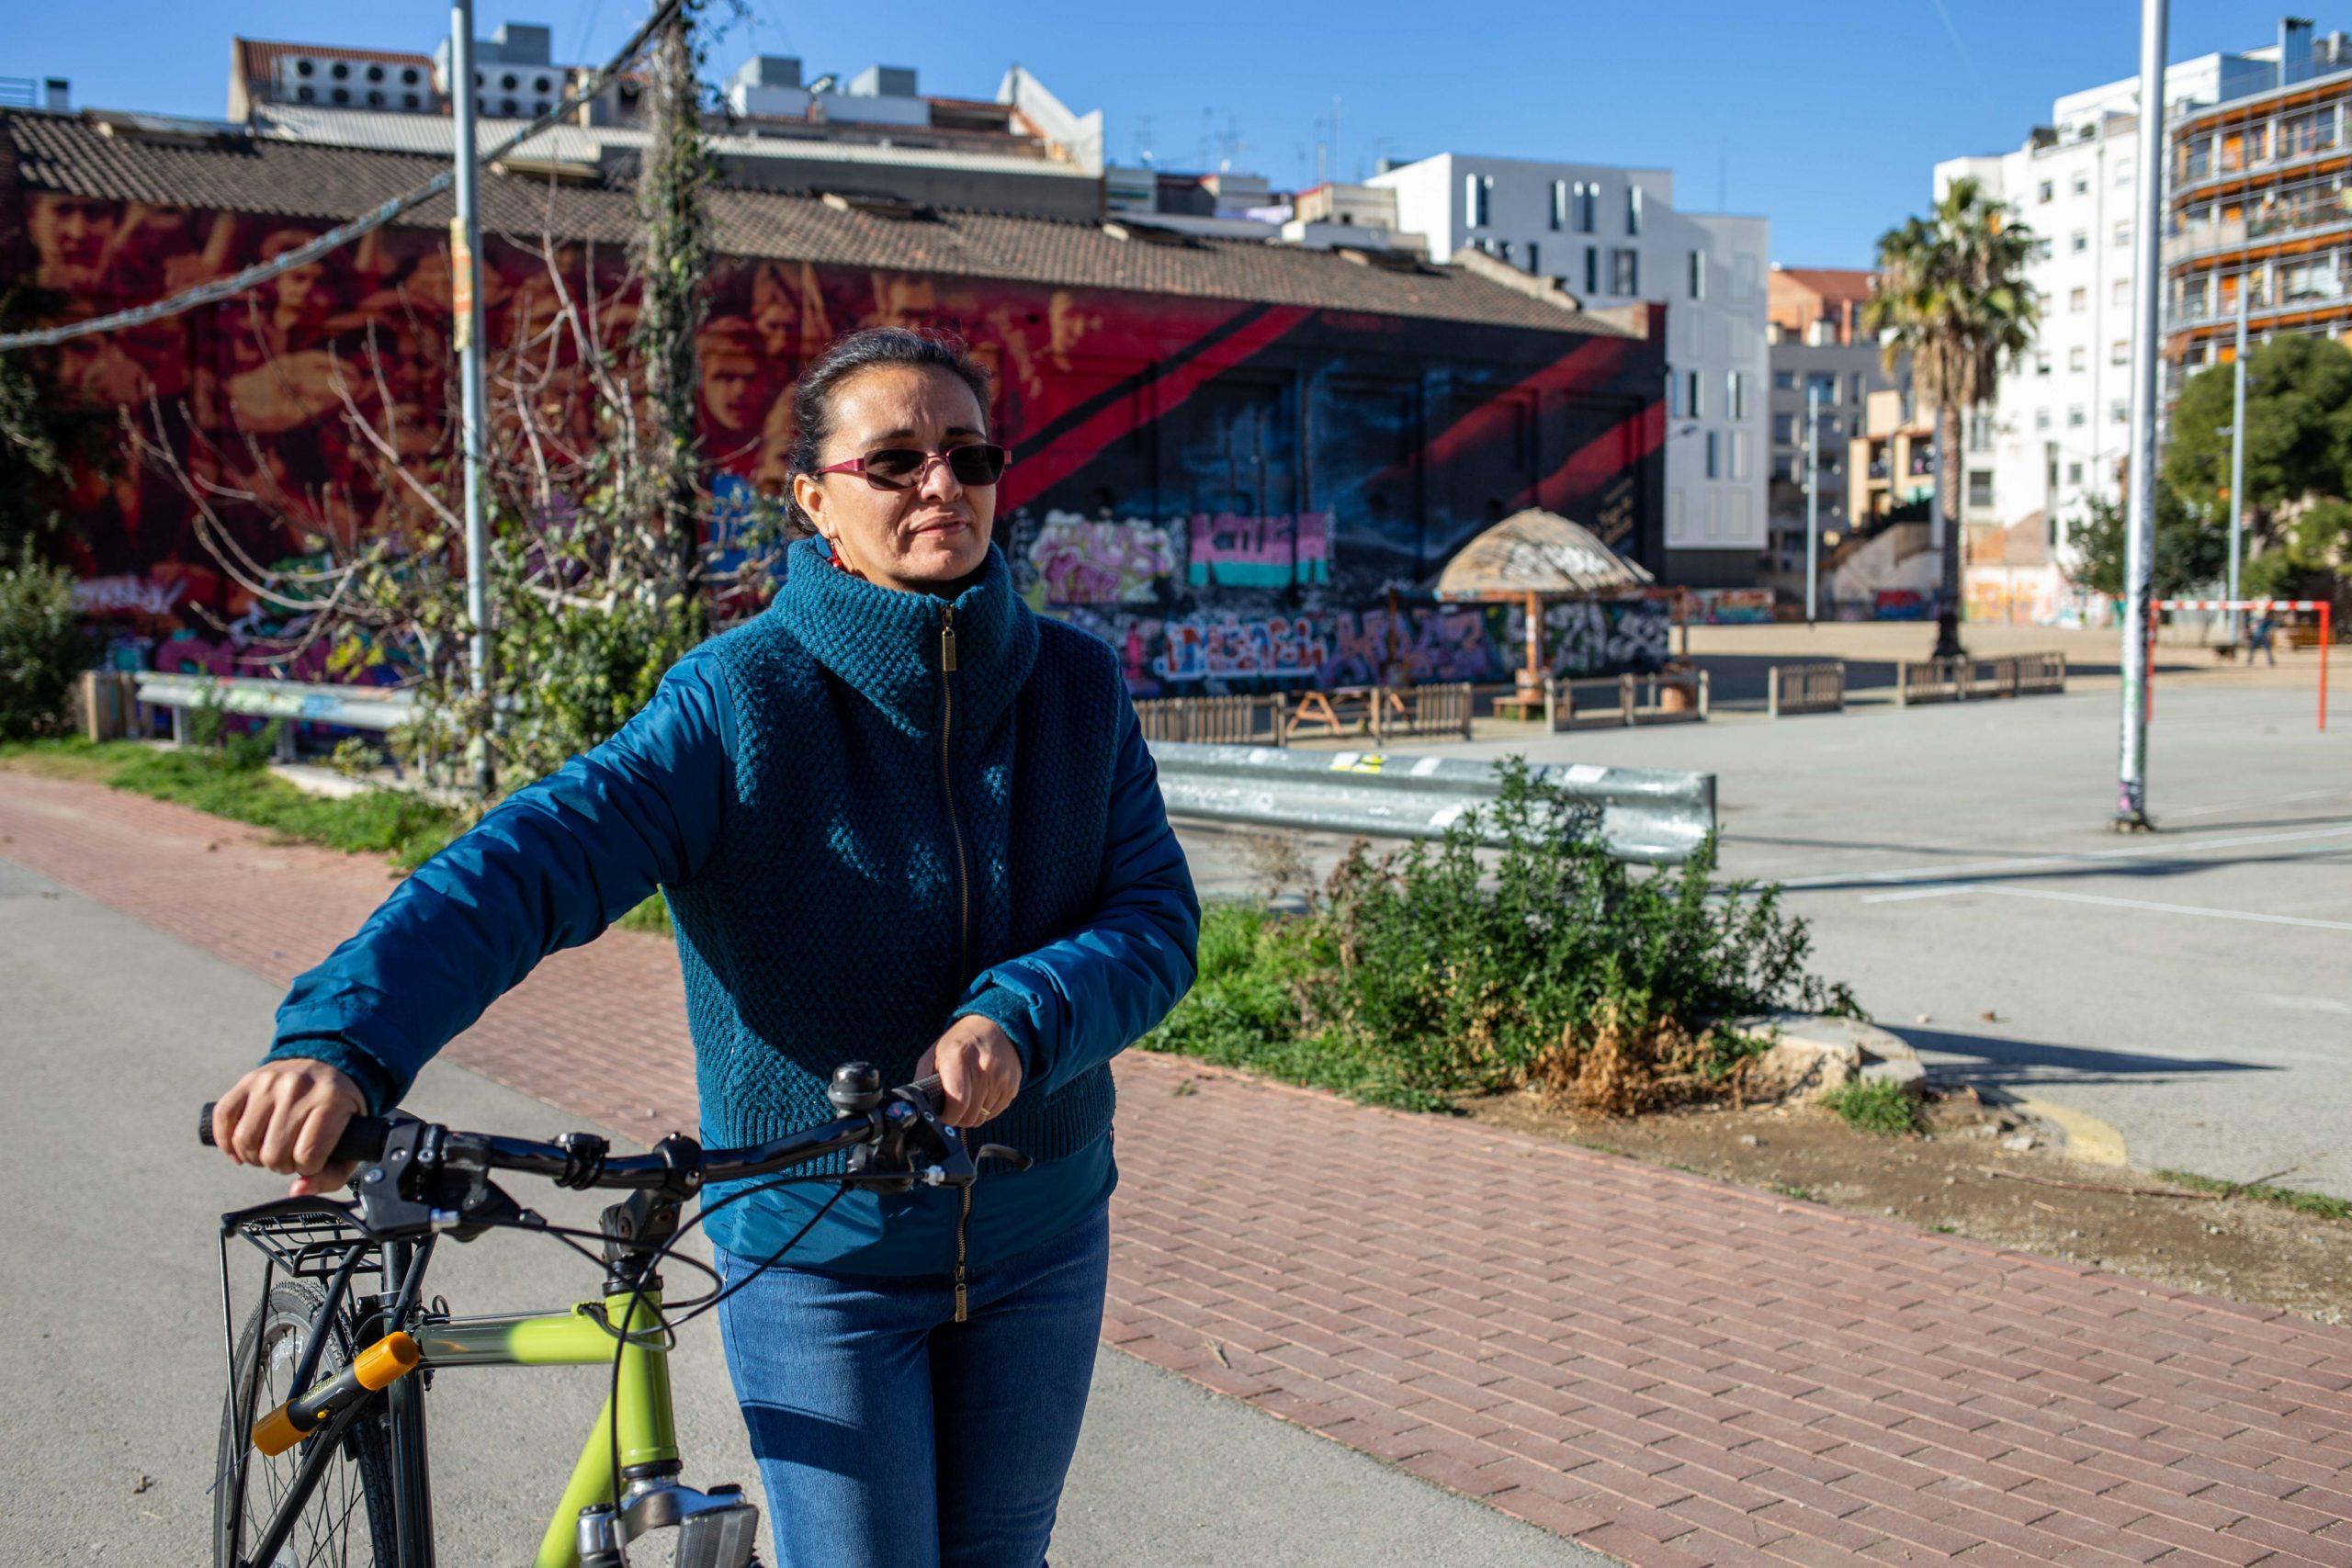 Dona passejant amb bicicleta